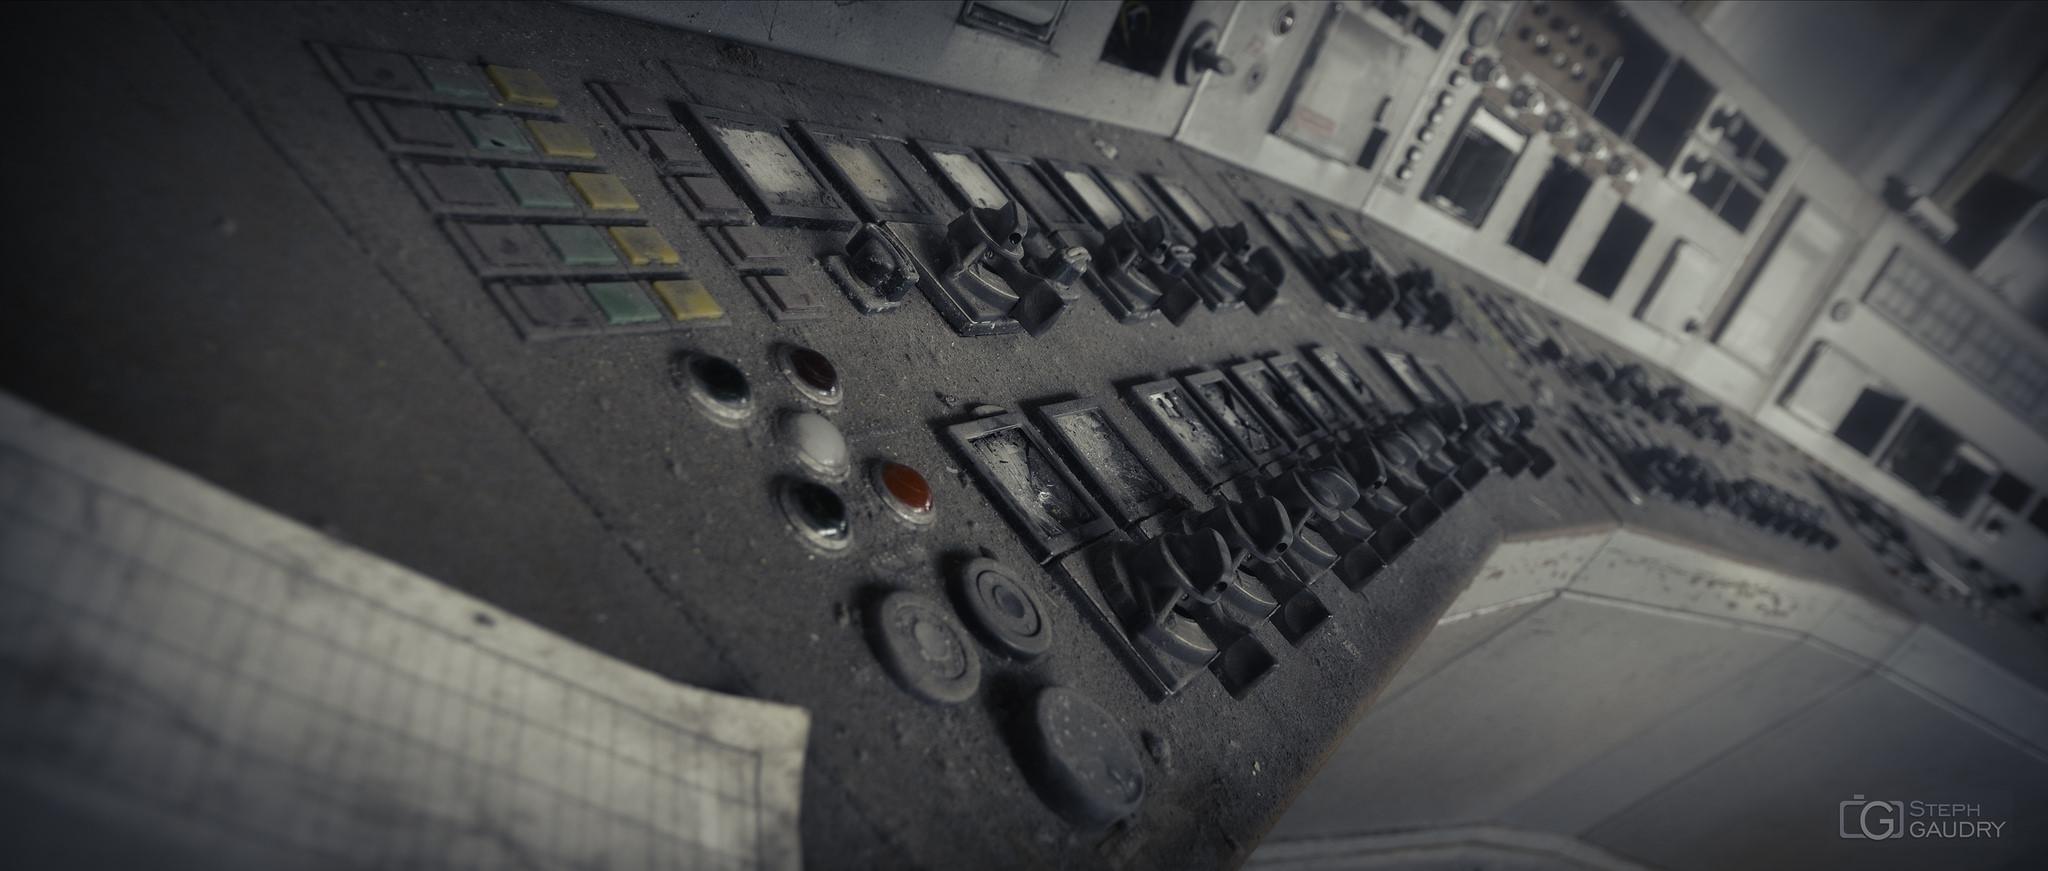 ECVB : lillte grey control room [Cliquez pour lancer le diaporama]